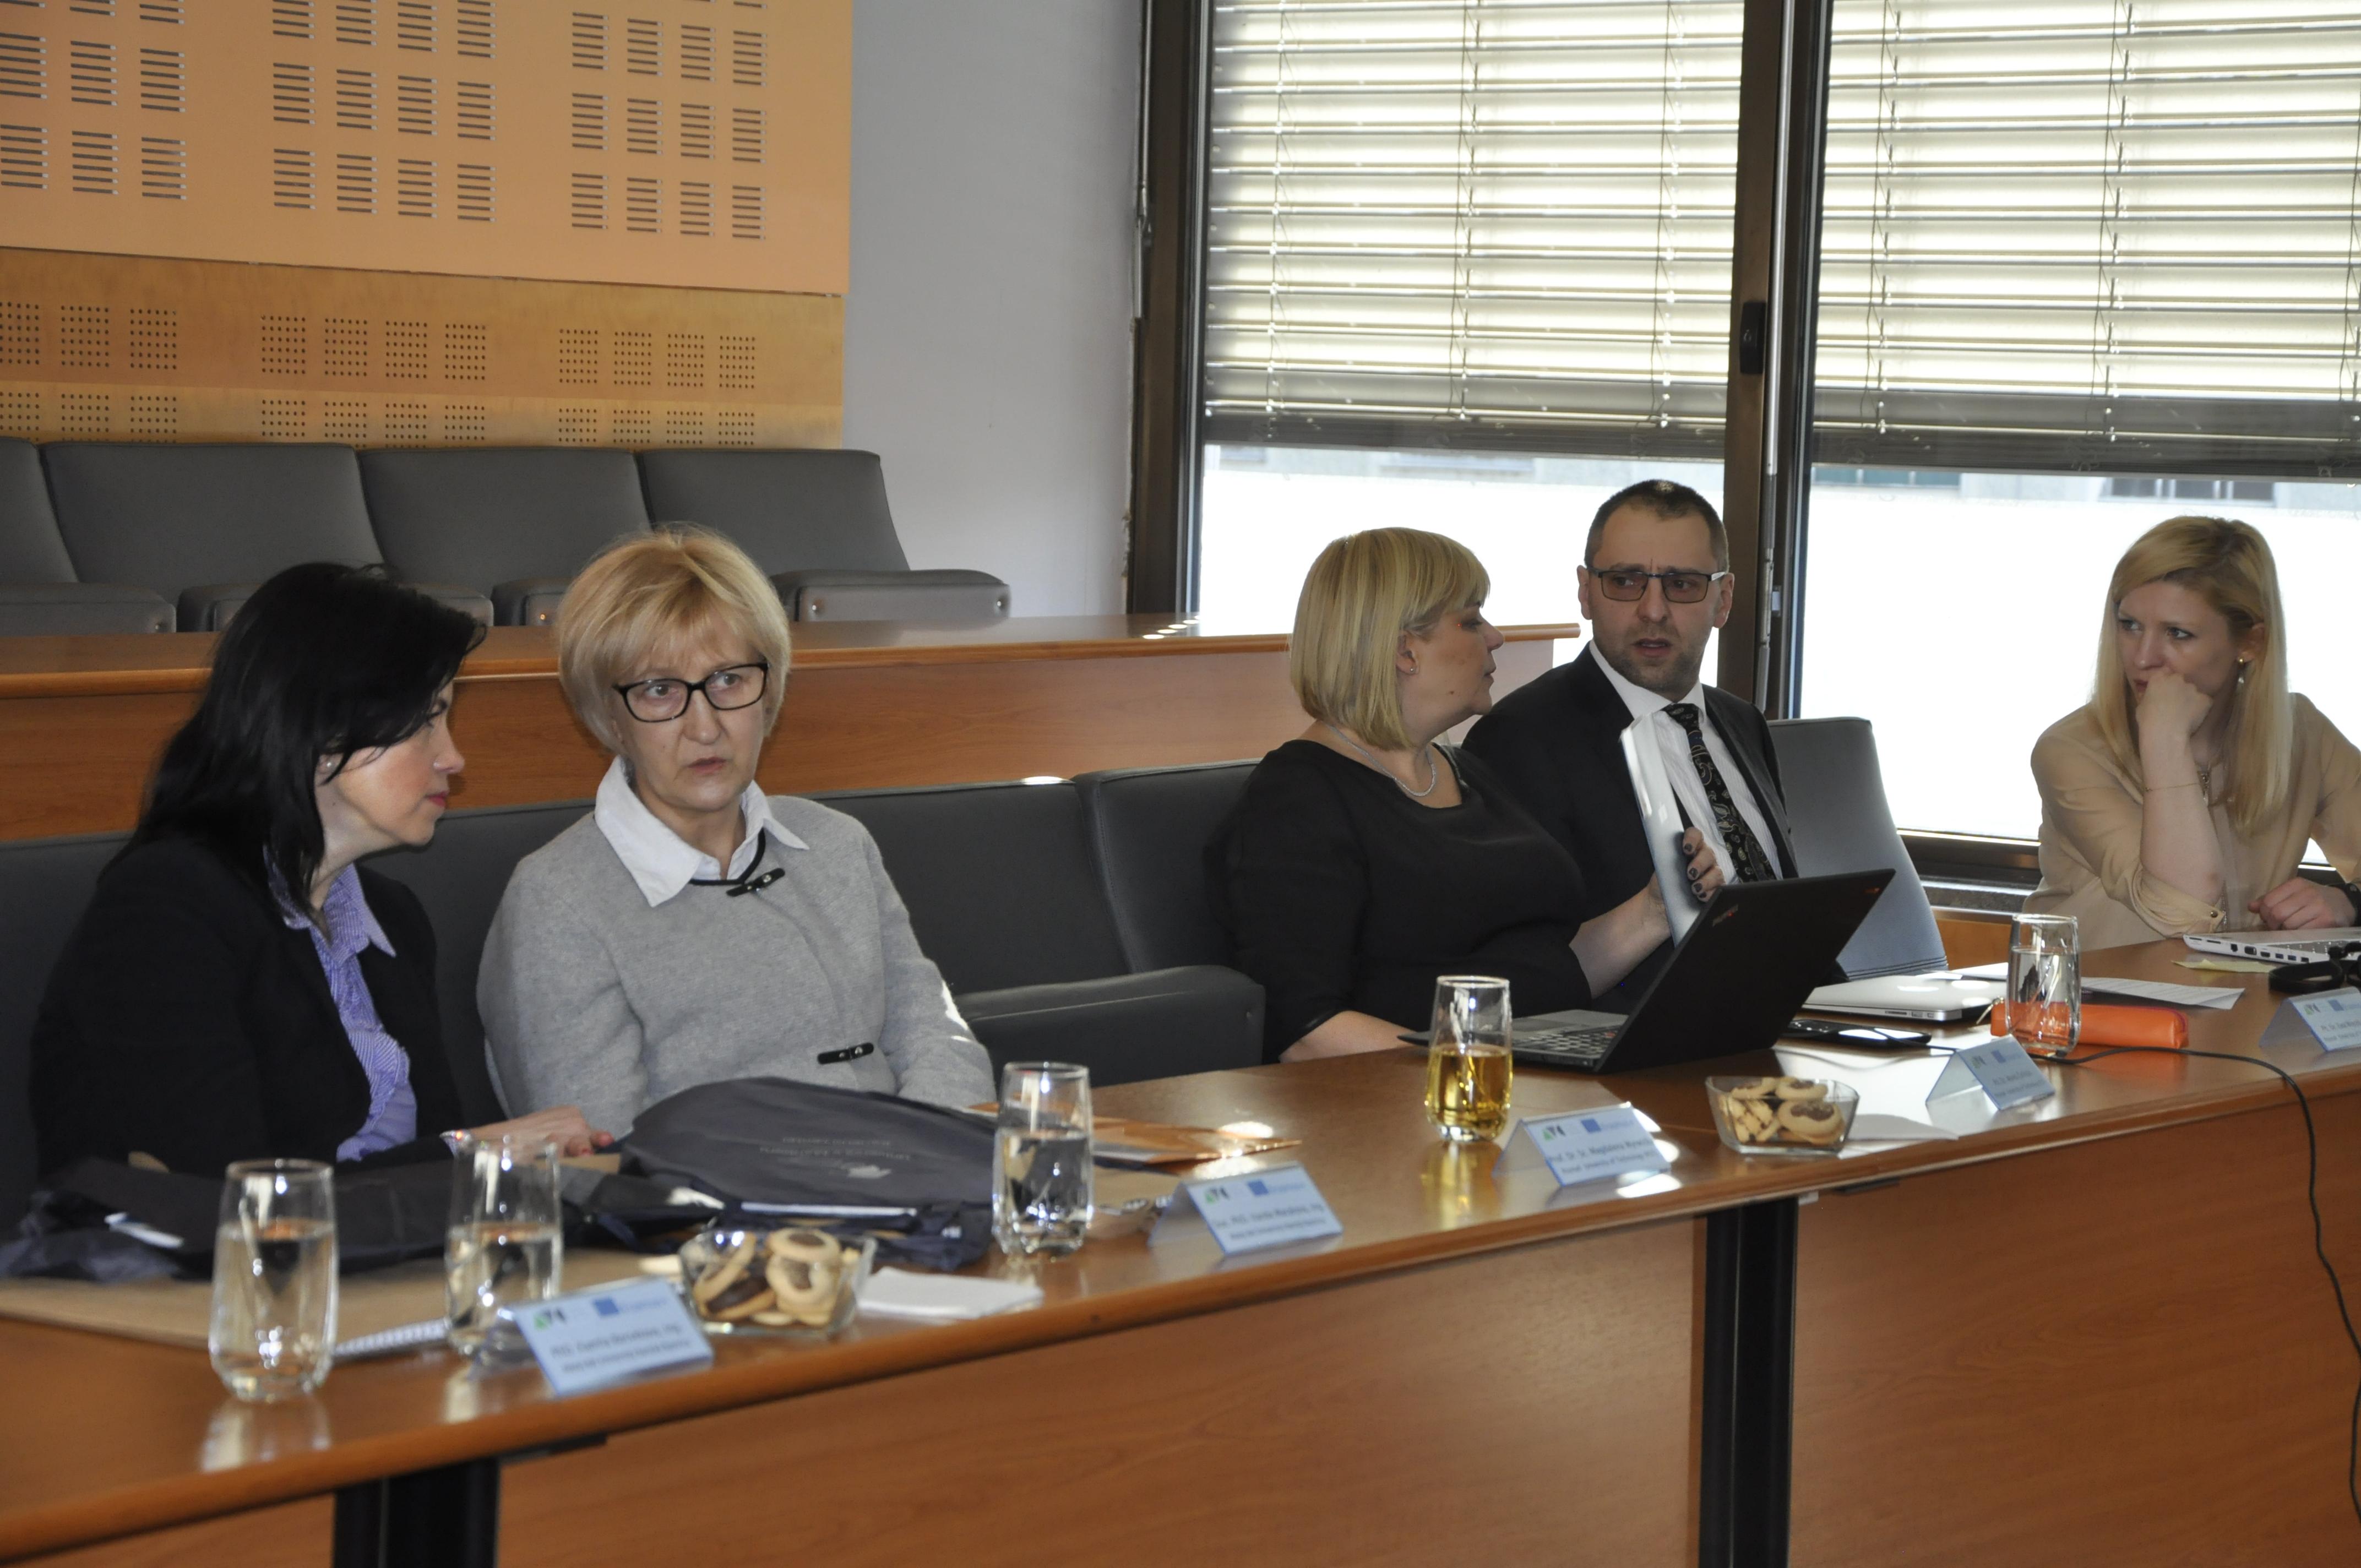 Zdjęcie 4. Atmosfera pracy – przedstawiciele Uniwersytetu Matej Bel w Bańskiej Bystrzycy oraz Politechniki Poznańskiej.